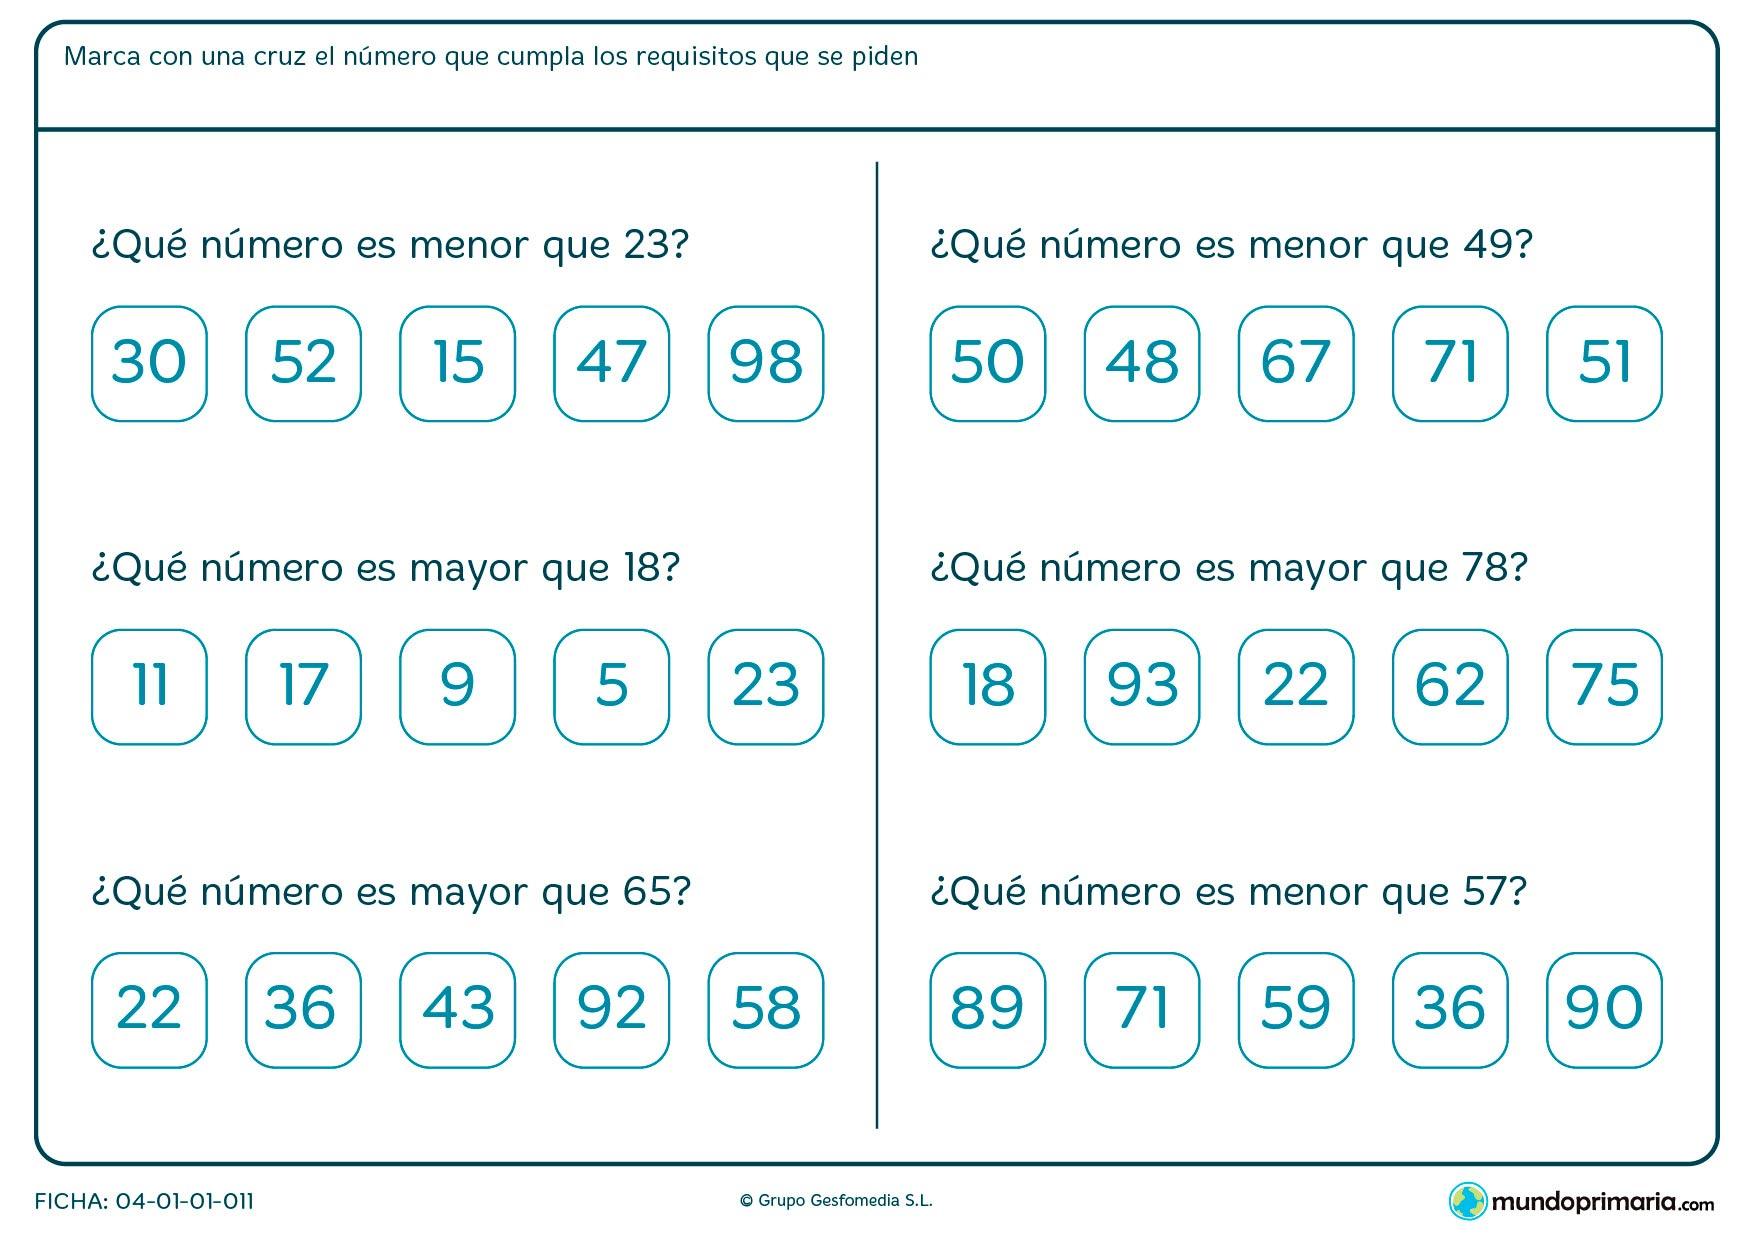 Ficha de números mayores o menores del que aparece en el enunciado.